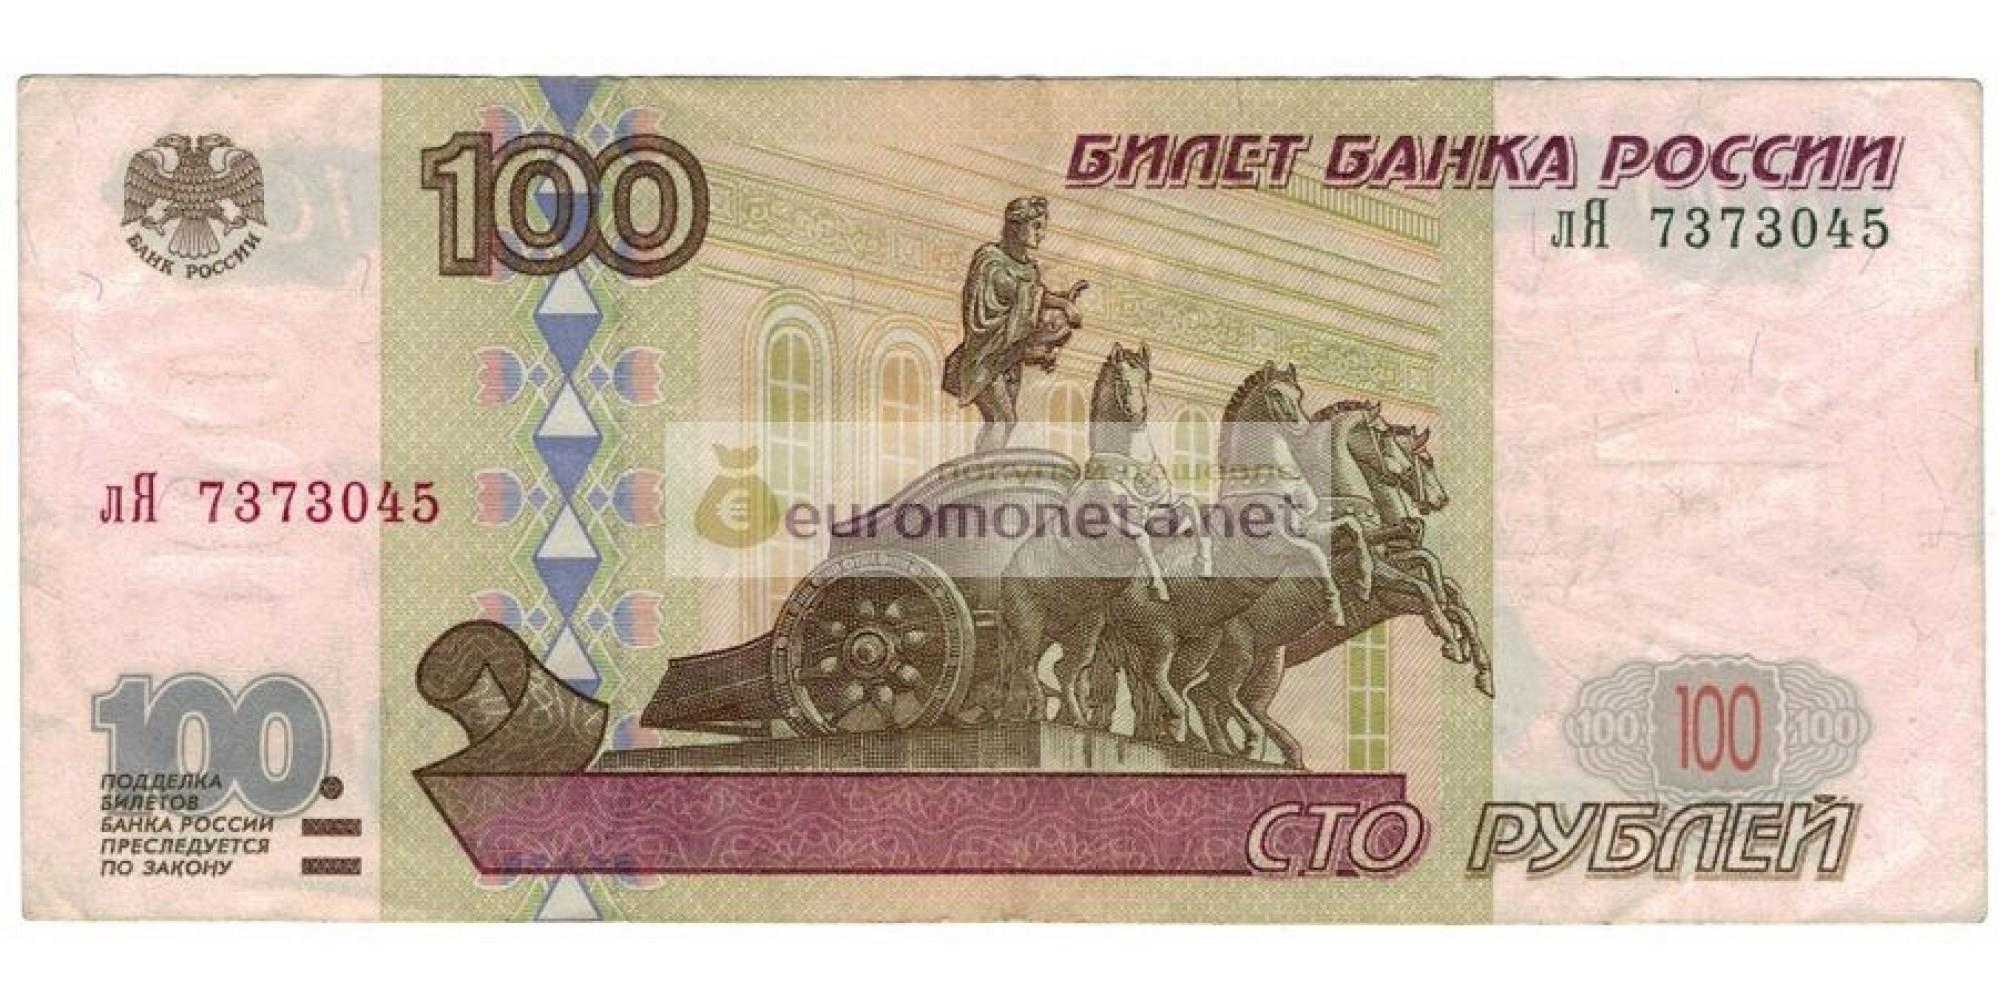 Россия 100 рублей 1997 год без модификации серия лЯ 7373045